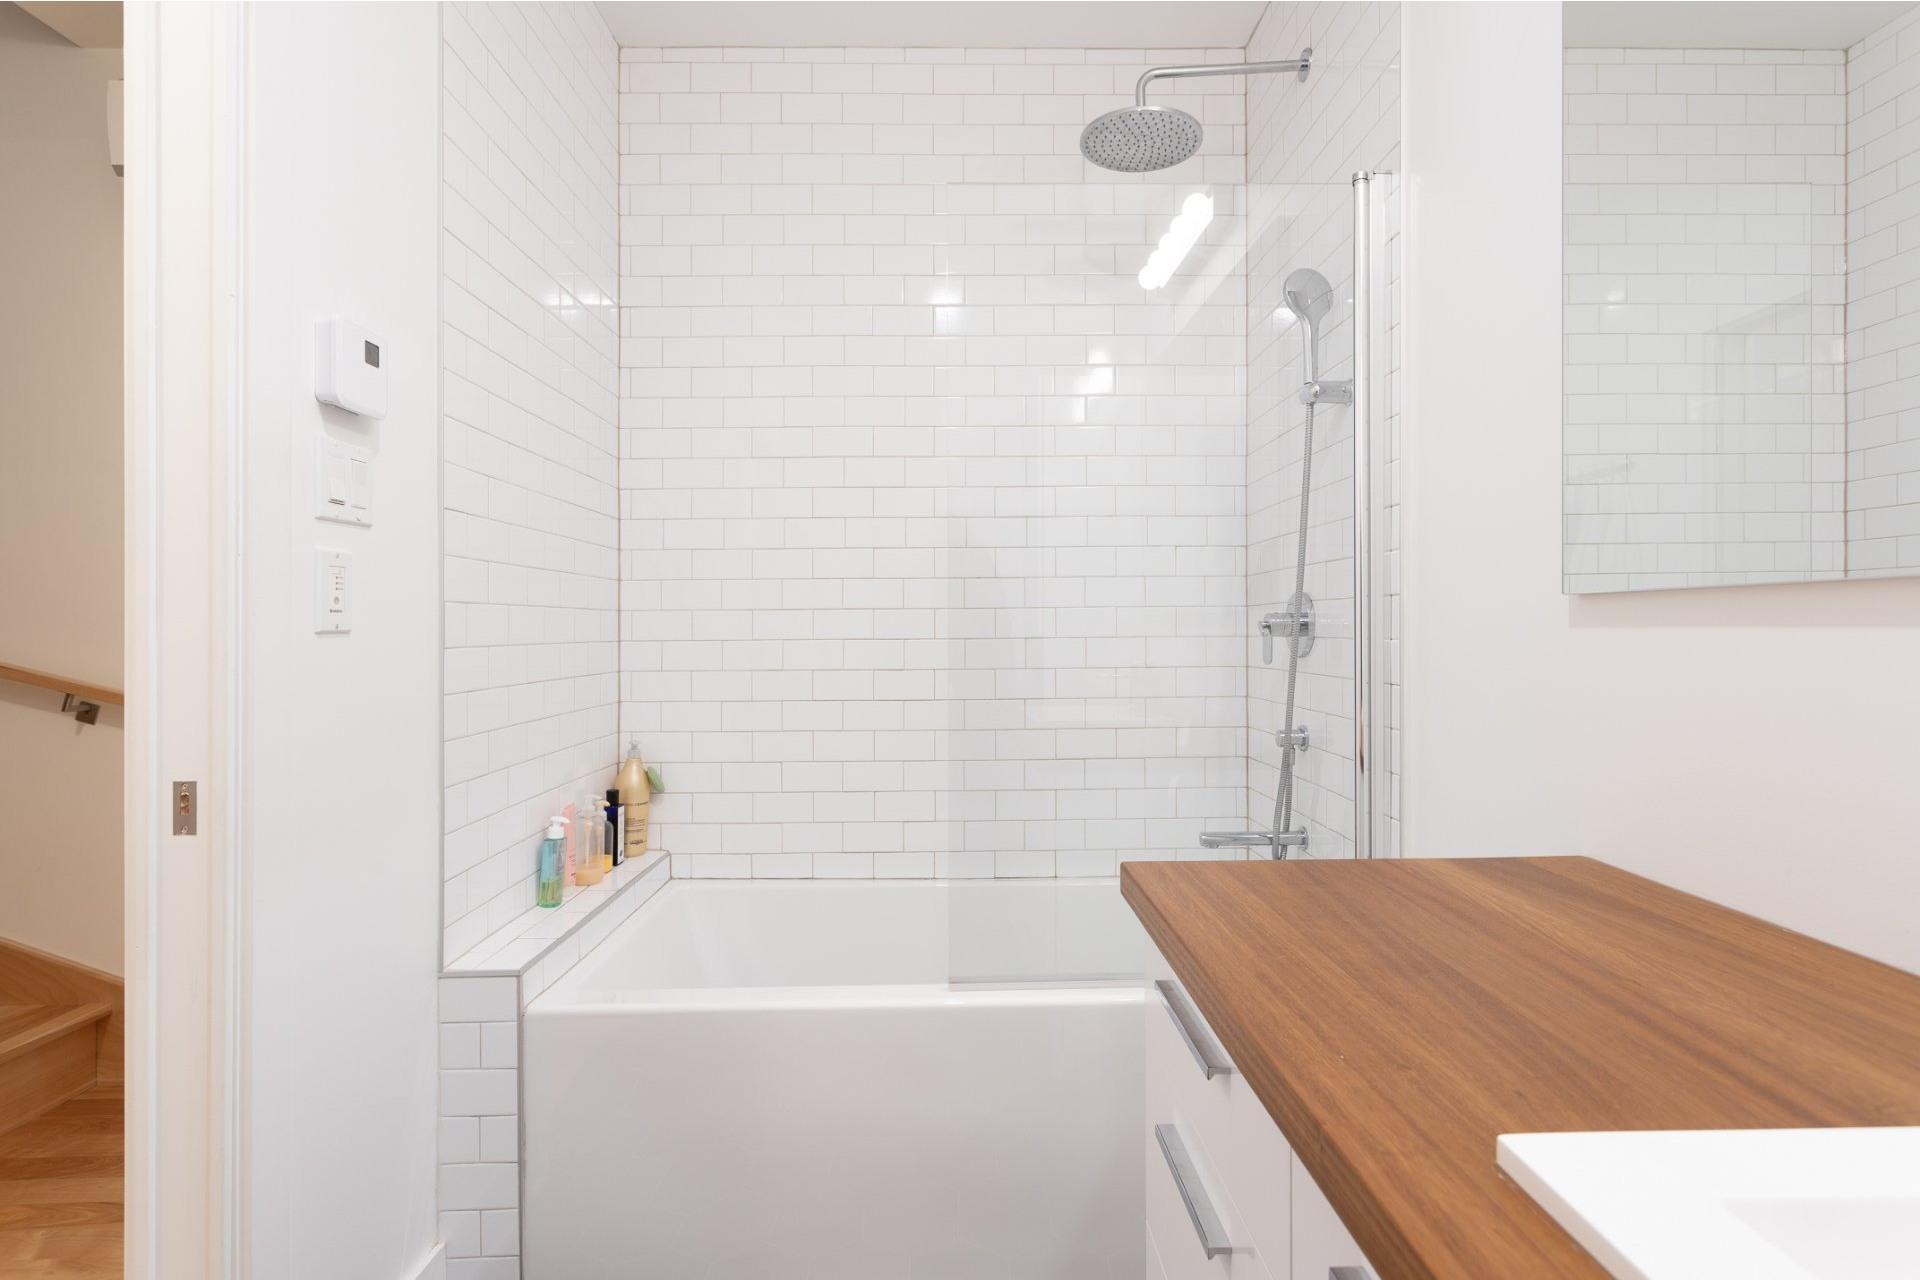 image 17 - Appartement À vendre Villeray/Saint-Michel/Parc-Extension Montréal  - 5 pièces